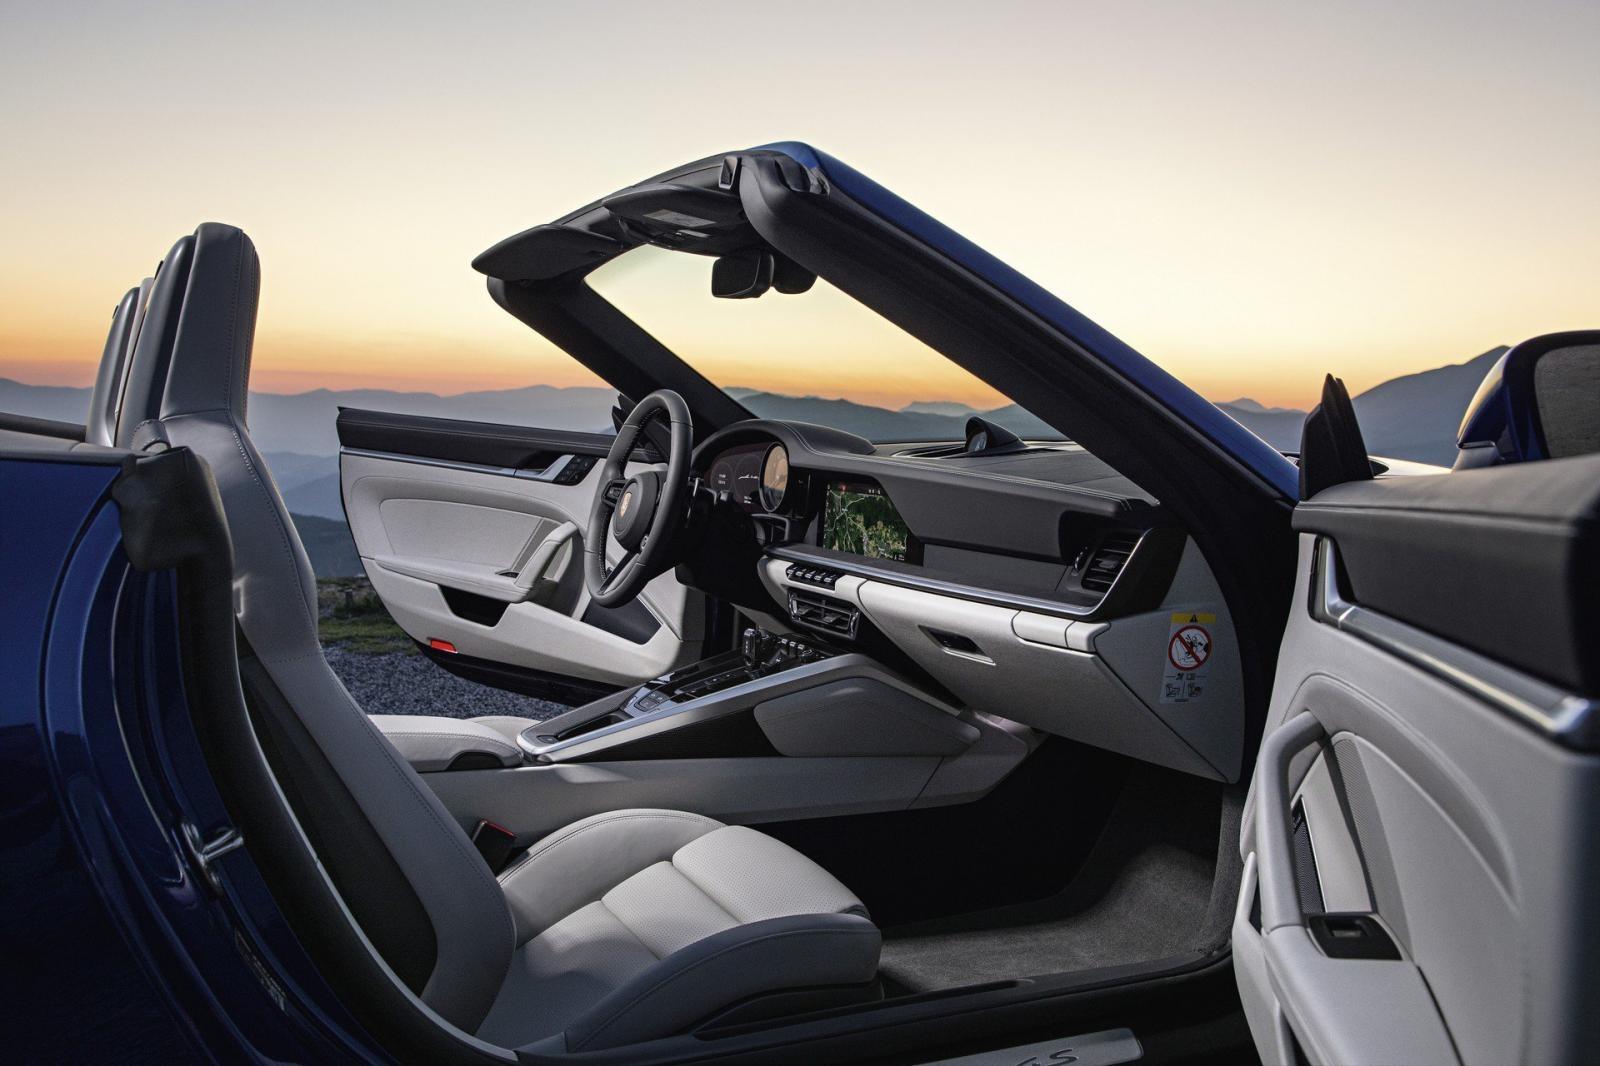 Khoang lái Porsche 911 Cabriolet 2020